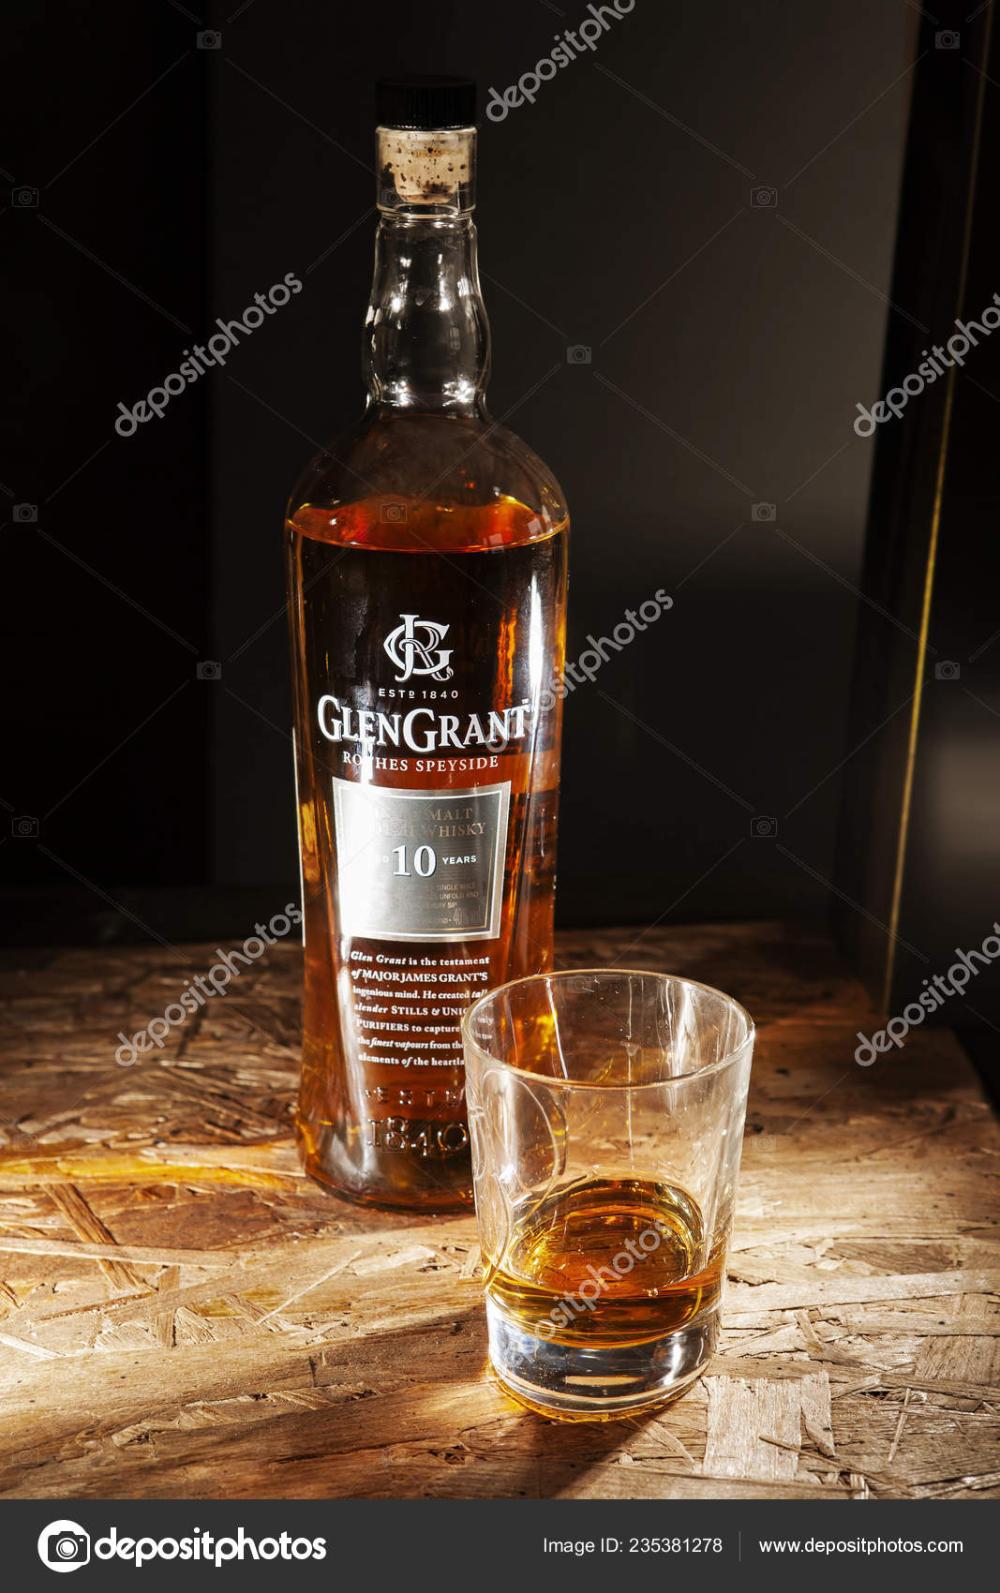 Download Lviv Ukraine December 04 Bottle Of Glen Grant Whisky And Glass On Wooden Shelf On December 04 2017 In Lviv Sto Grant Whisky Bottle Glen Grant